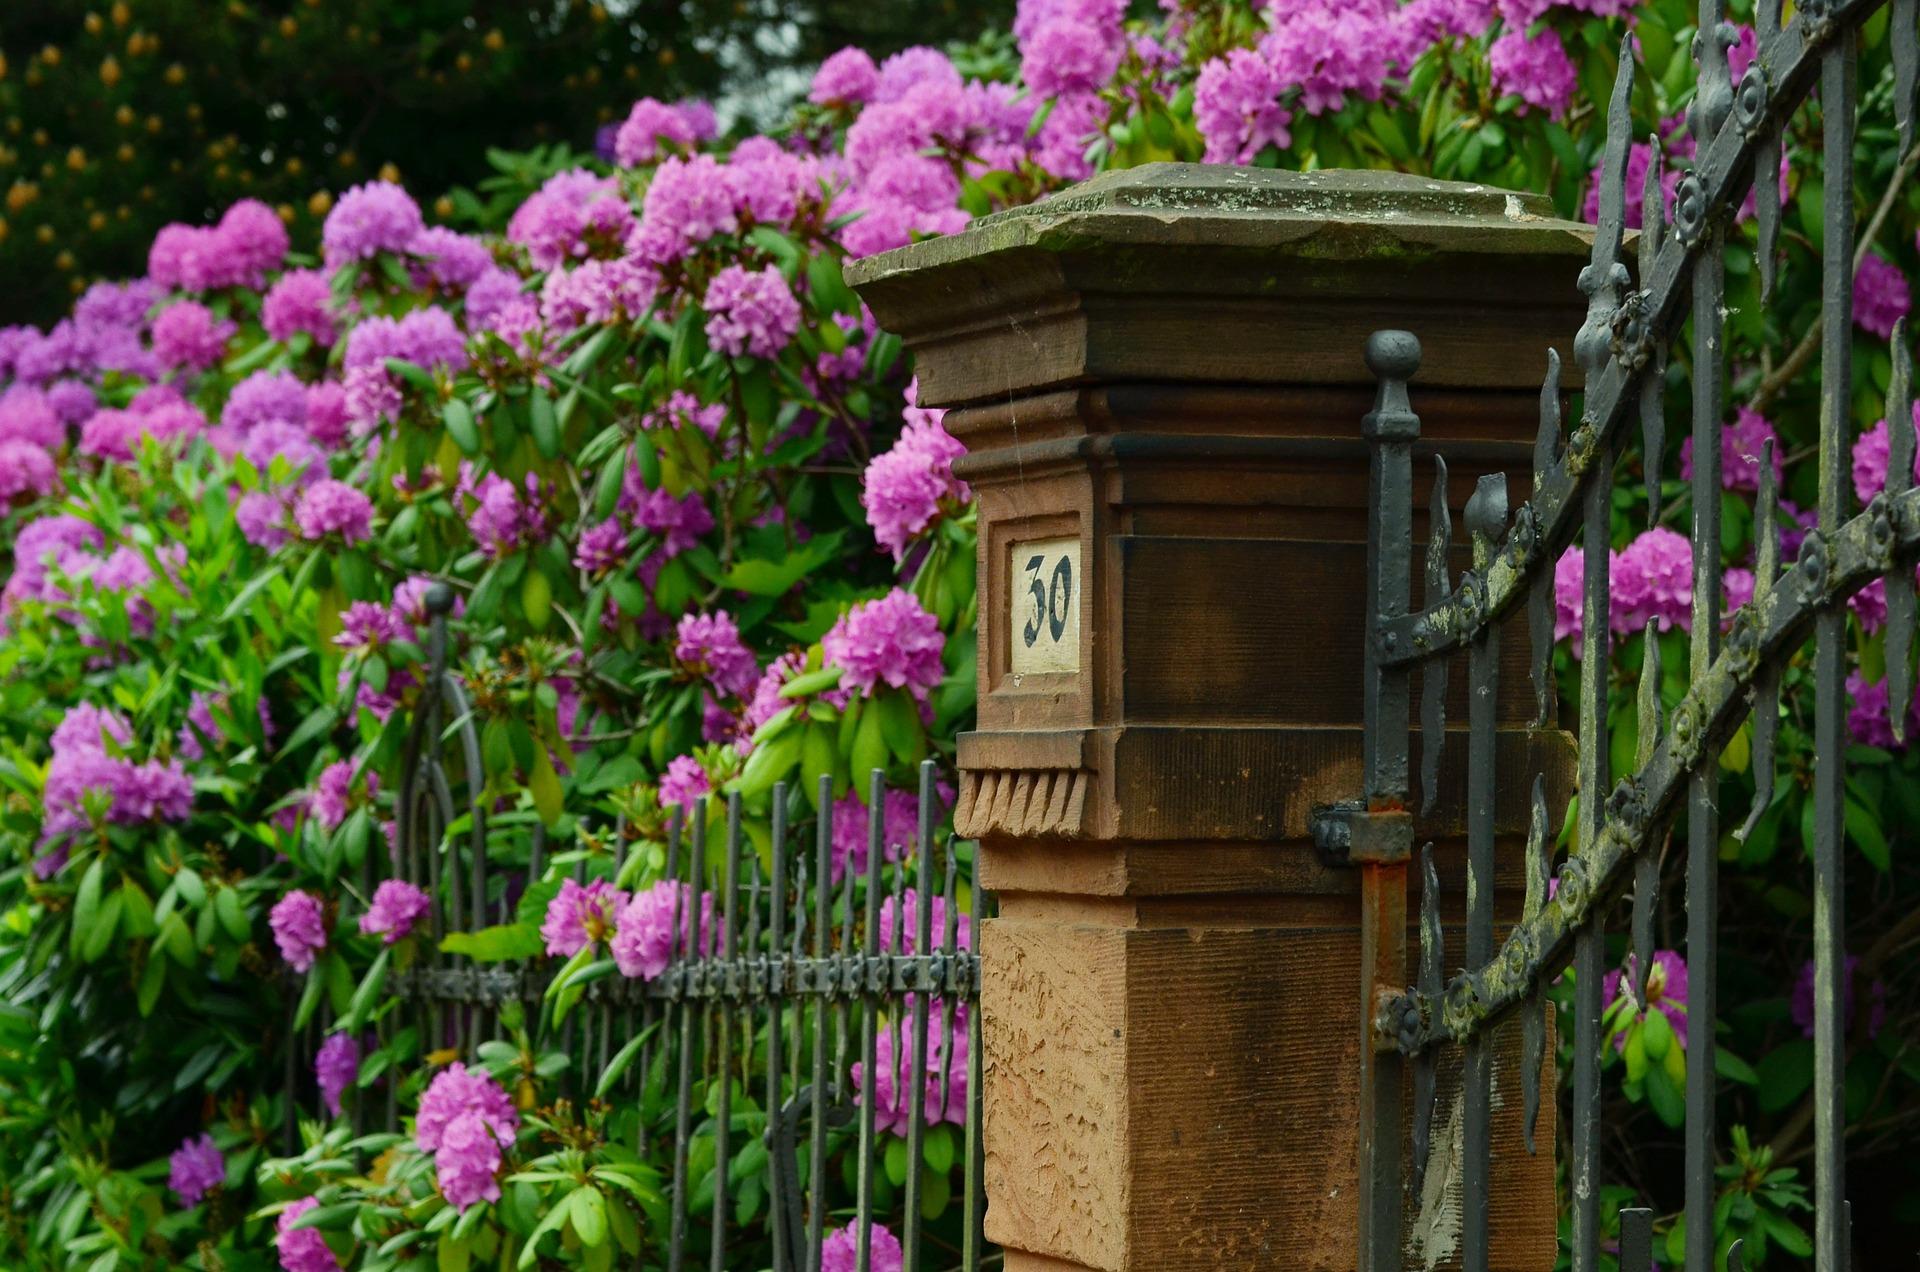 Køb rhododendron gødning og planter billigt online